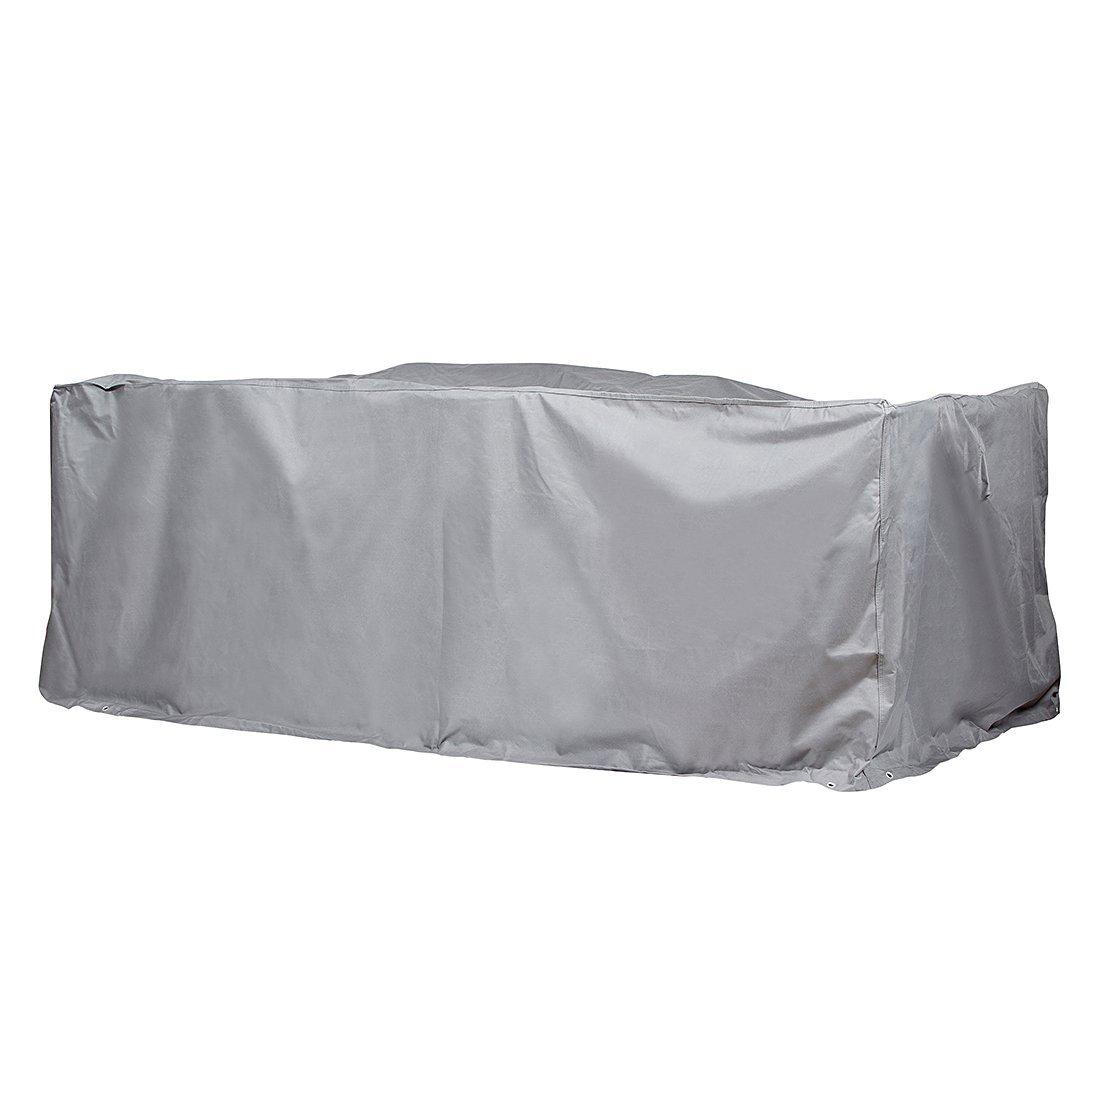 Gartenmöbel Schutzhülle/Abdeckung - Premium XL (320 x 220 x 94 cm) Wasserdichte Abdeckplane für Sitzgruppe/Oxford 600D Polyestergewebe/mit Ventilationsöffnungen/Rechteckig